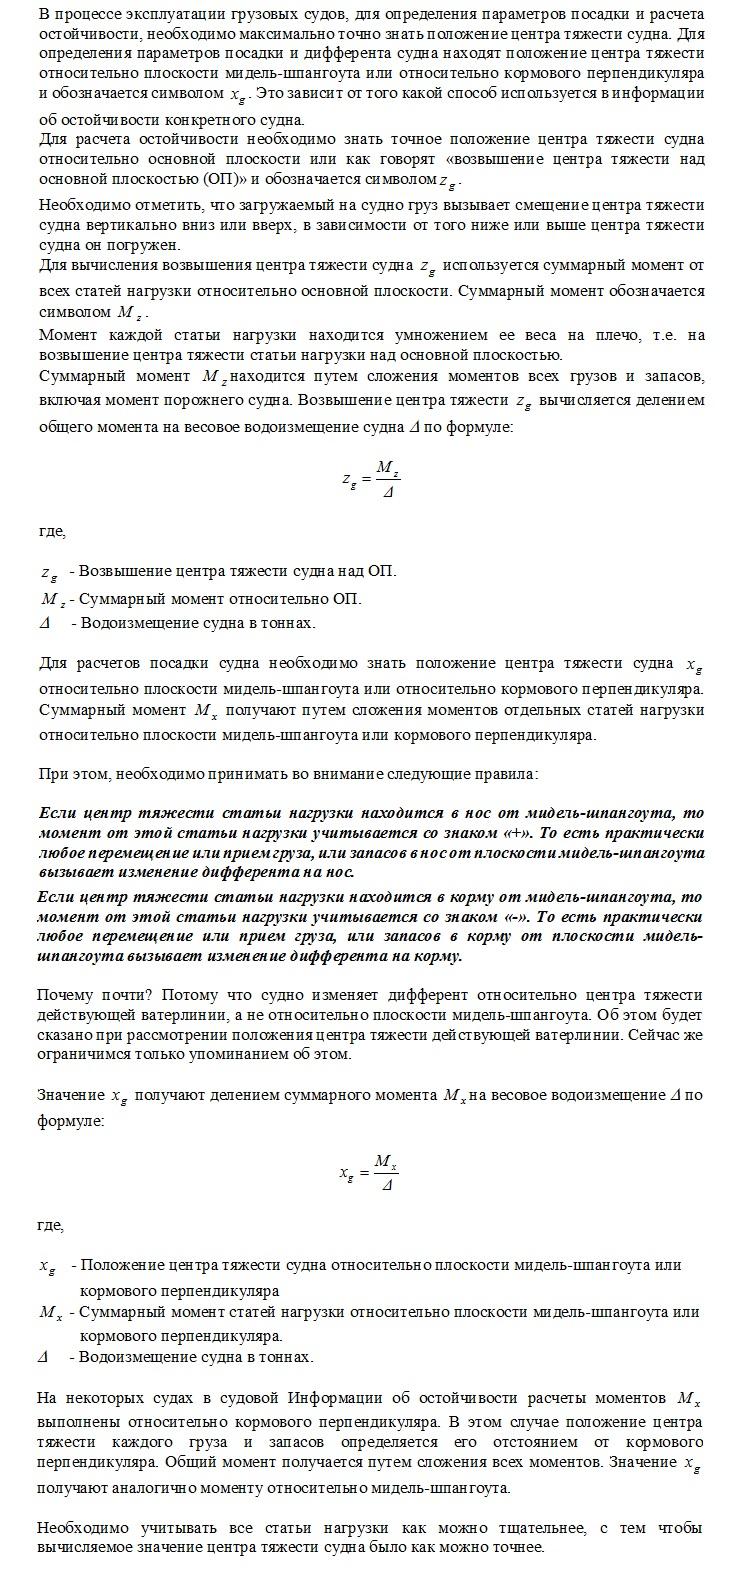 формула с текстом